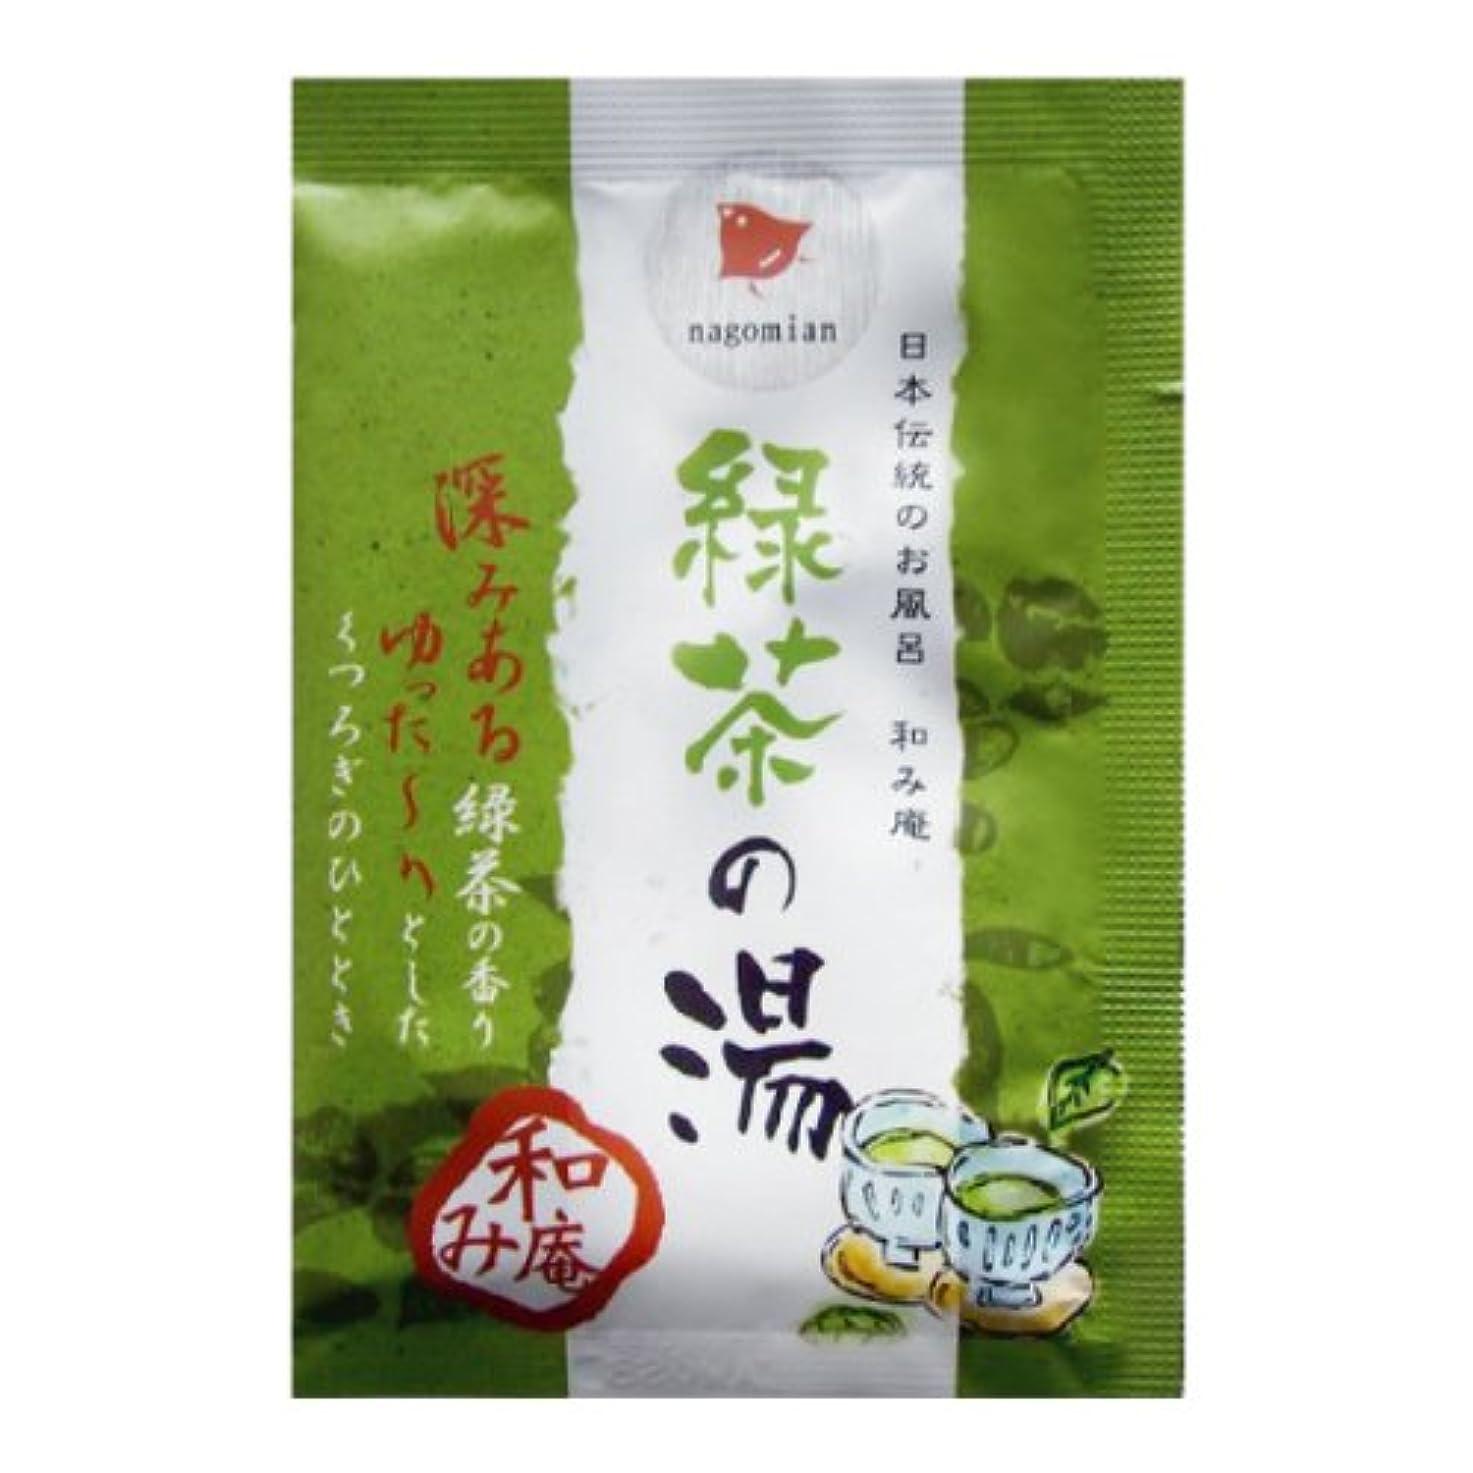 感謝している排気非常に日本伝統のお風呂 和み庵 緑茶の湯 200包